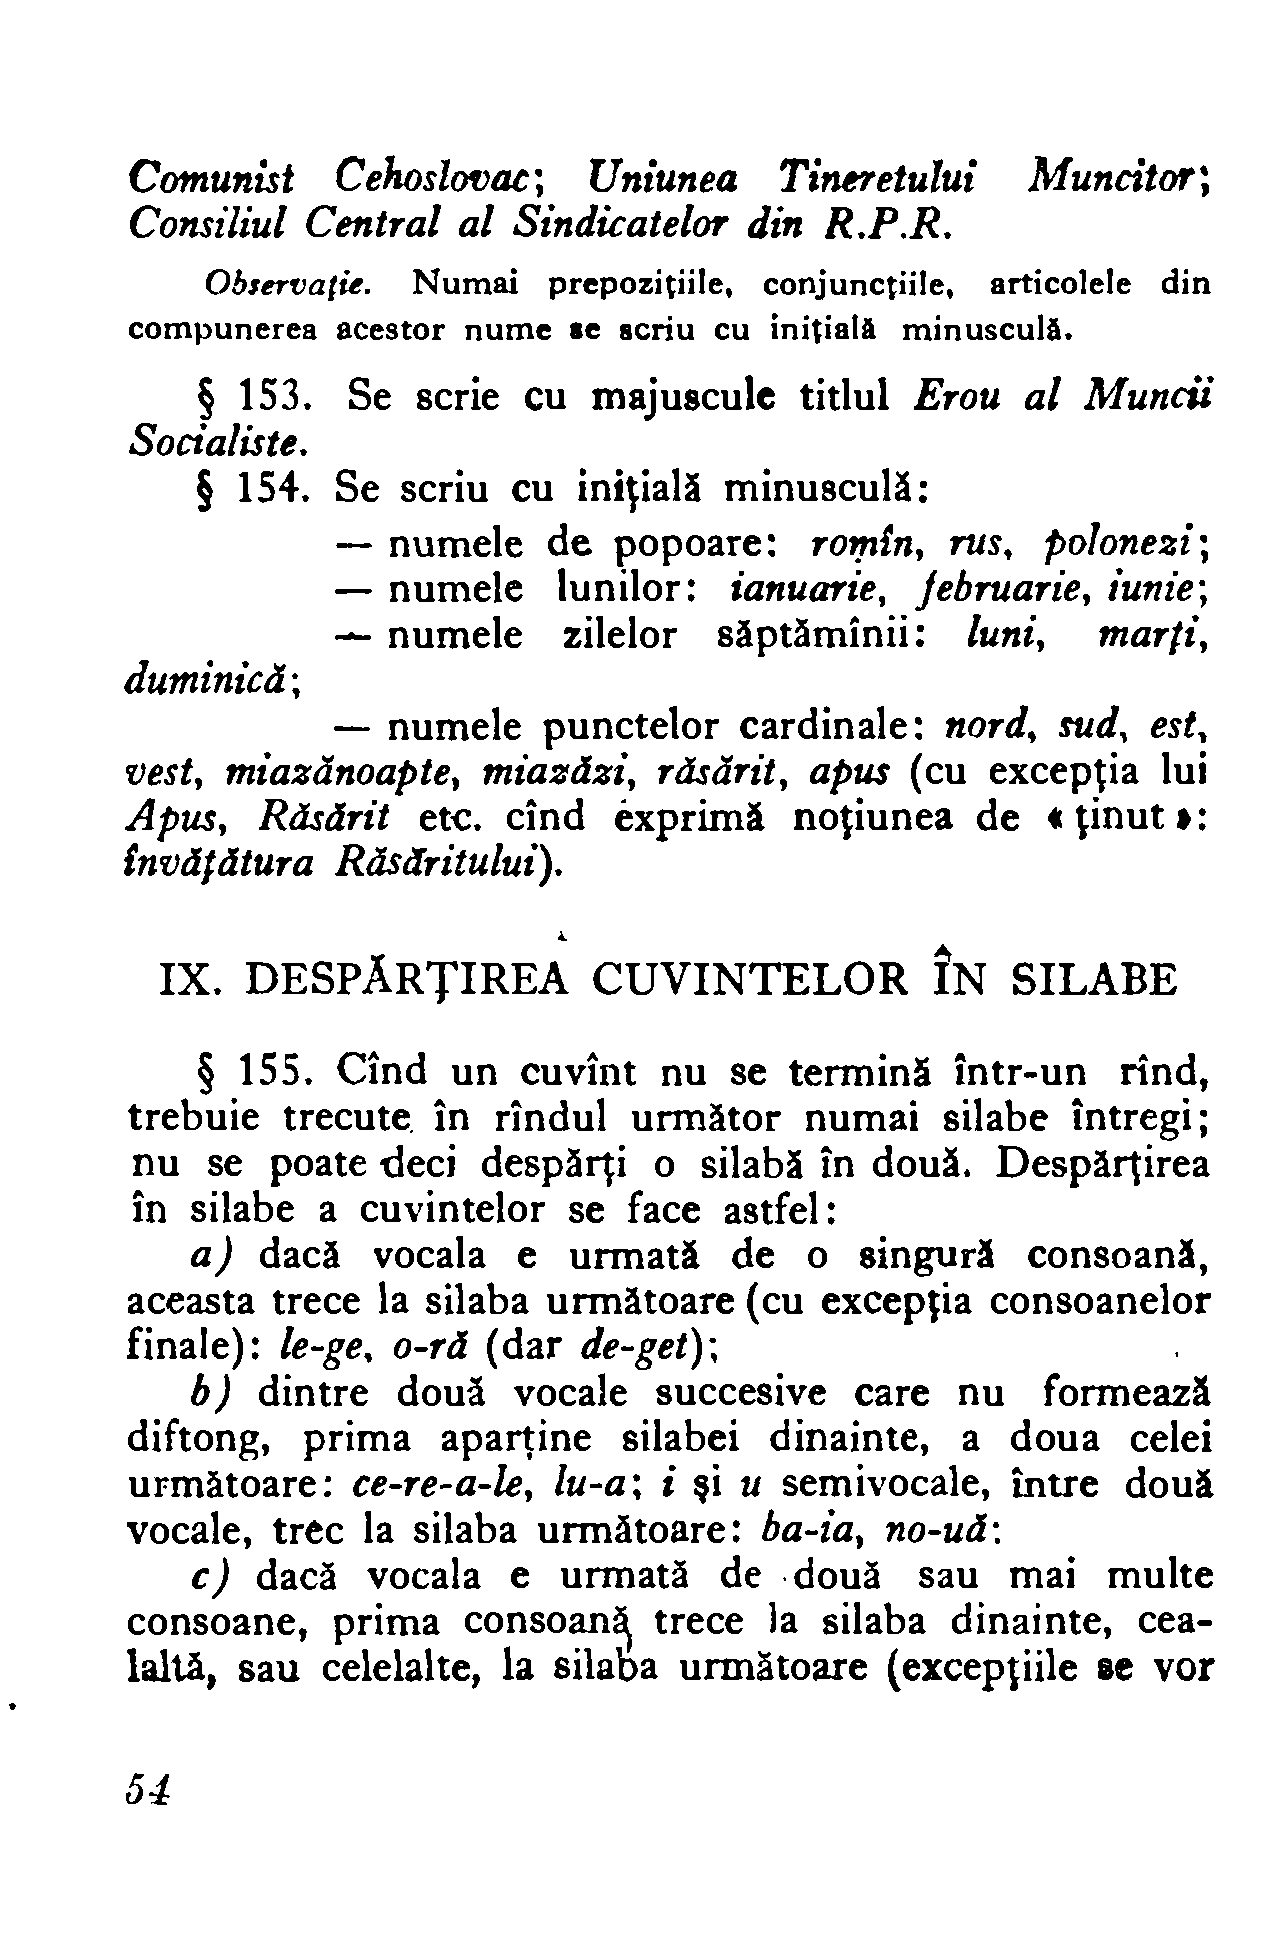 1954 - Mic dicționar ortografic (52).png